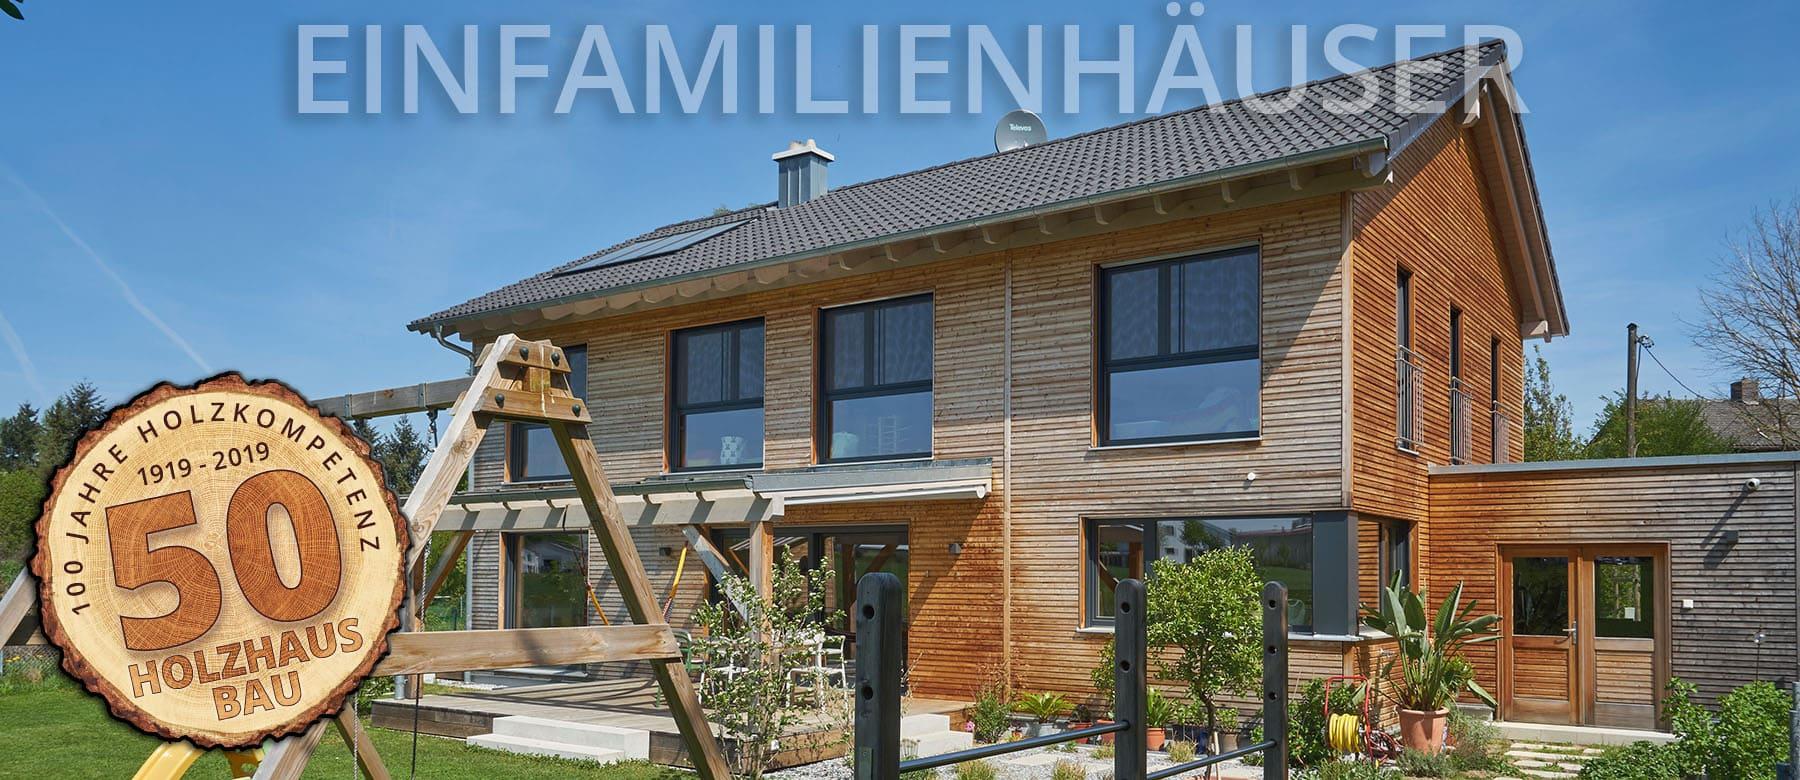 100 Jahre Holzkompetenz: Wohnungs-, Objekt- und Gewerbebau sowie ...